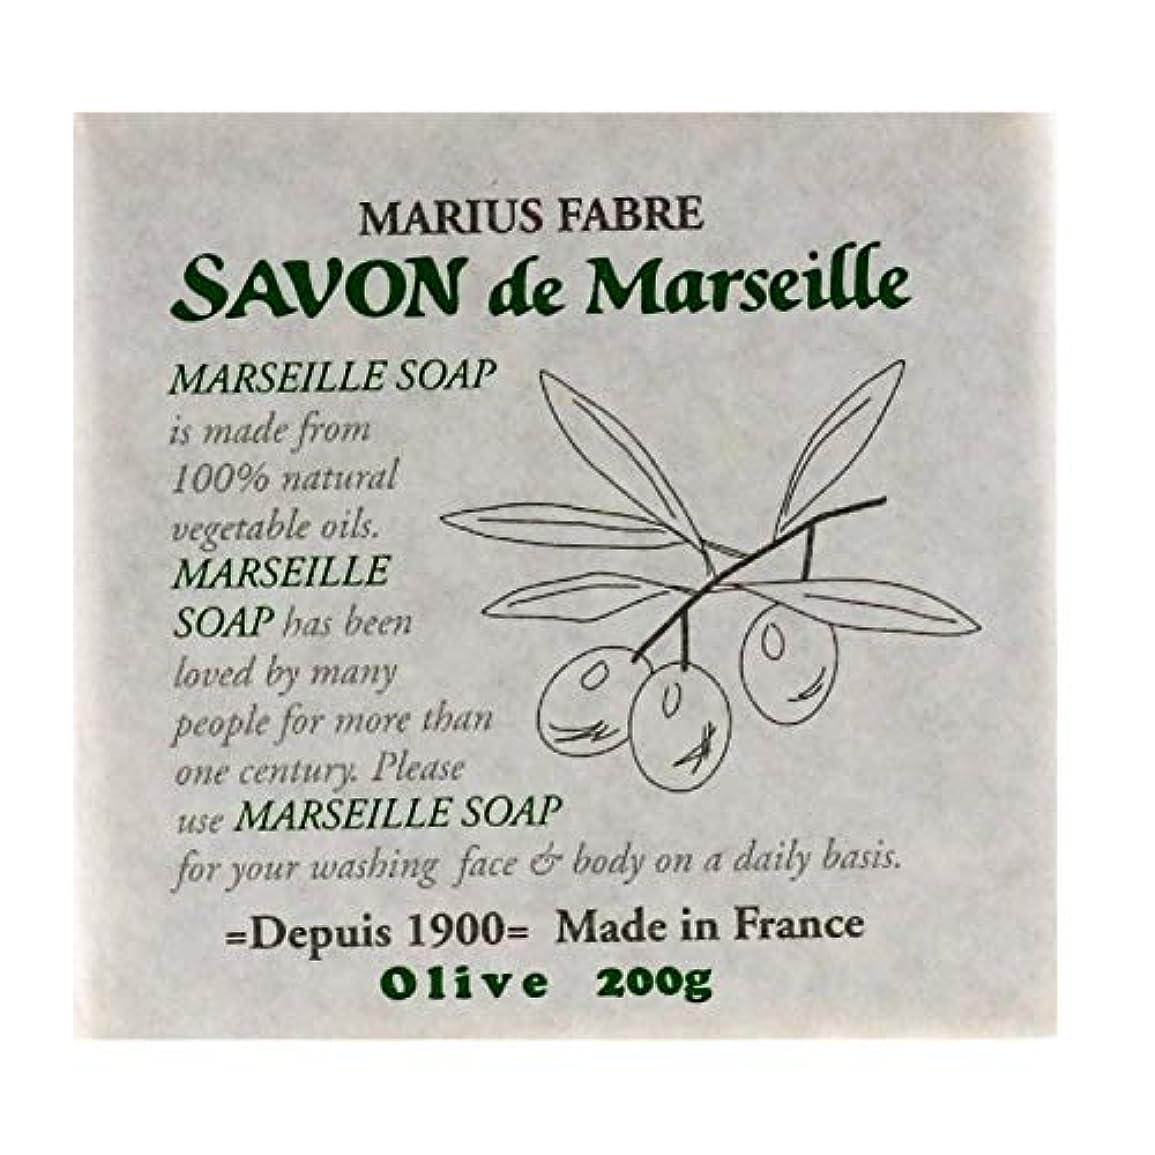 昨日くカートリッジサボンドマルセイユ 無香料 オリーブ 200g